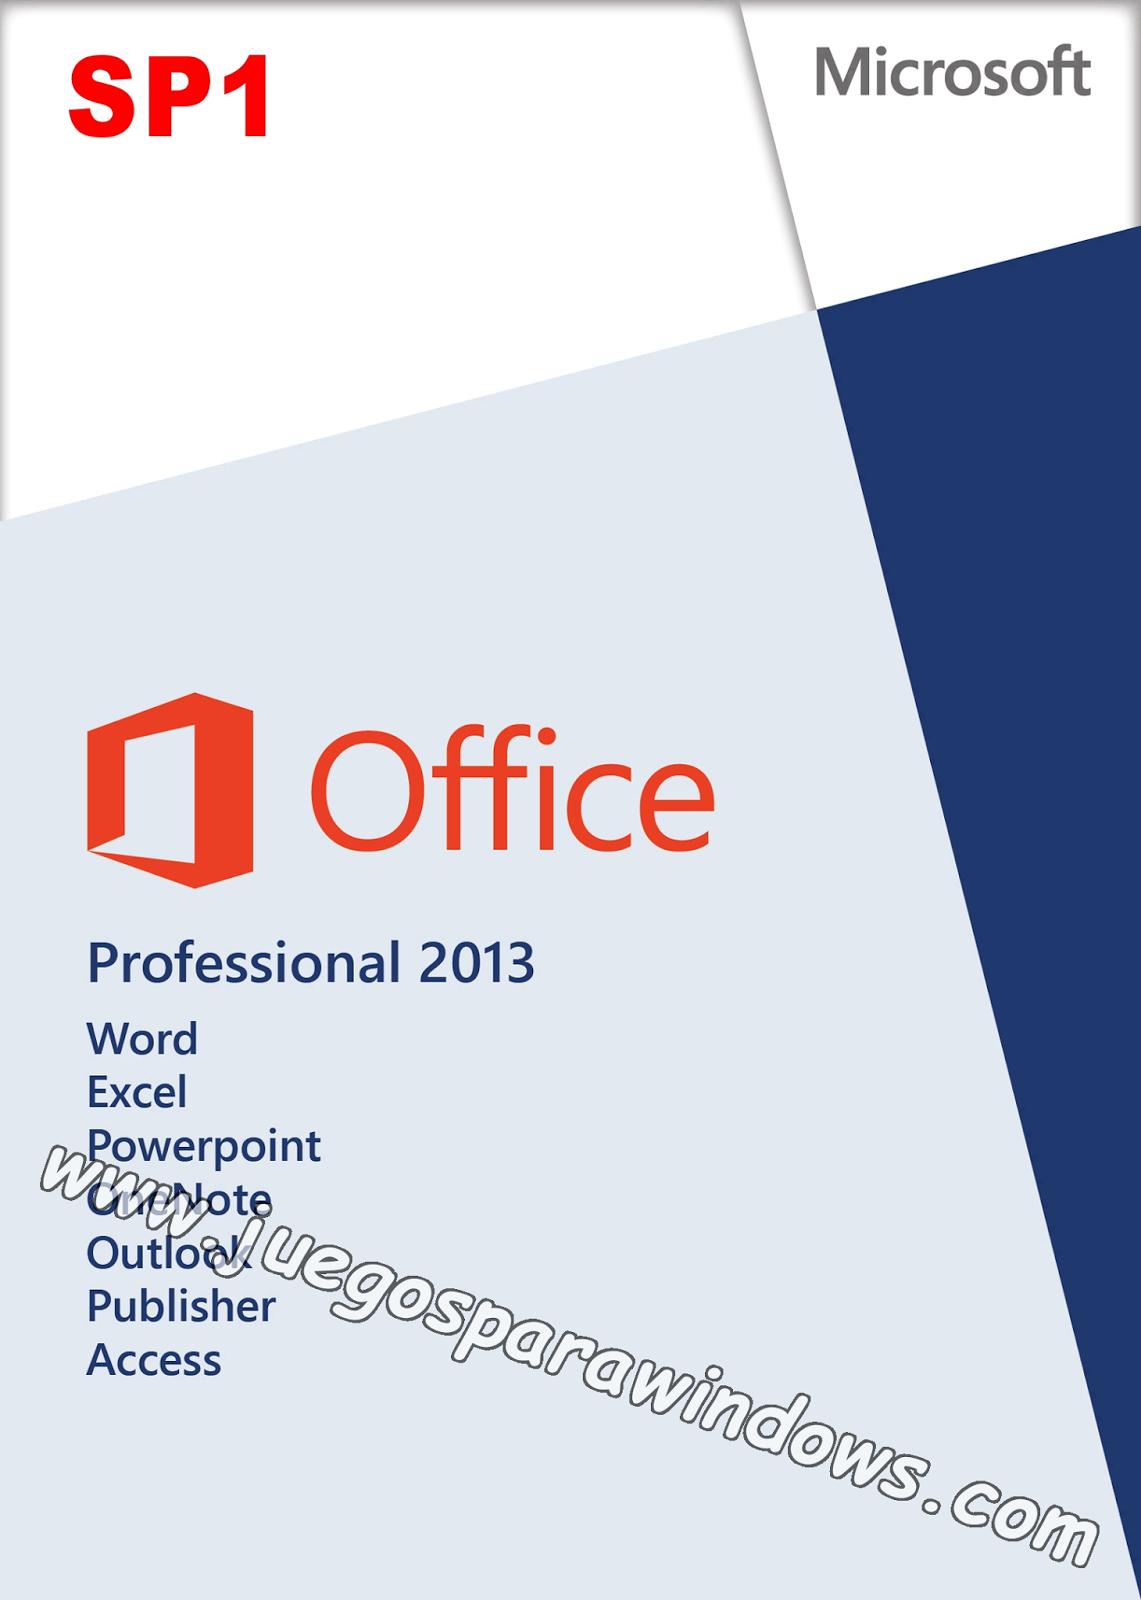 Todo En Uno Microsoft Office 2013 SP1 ESPAÑOL